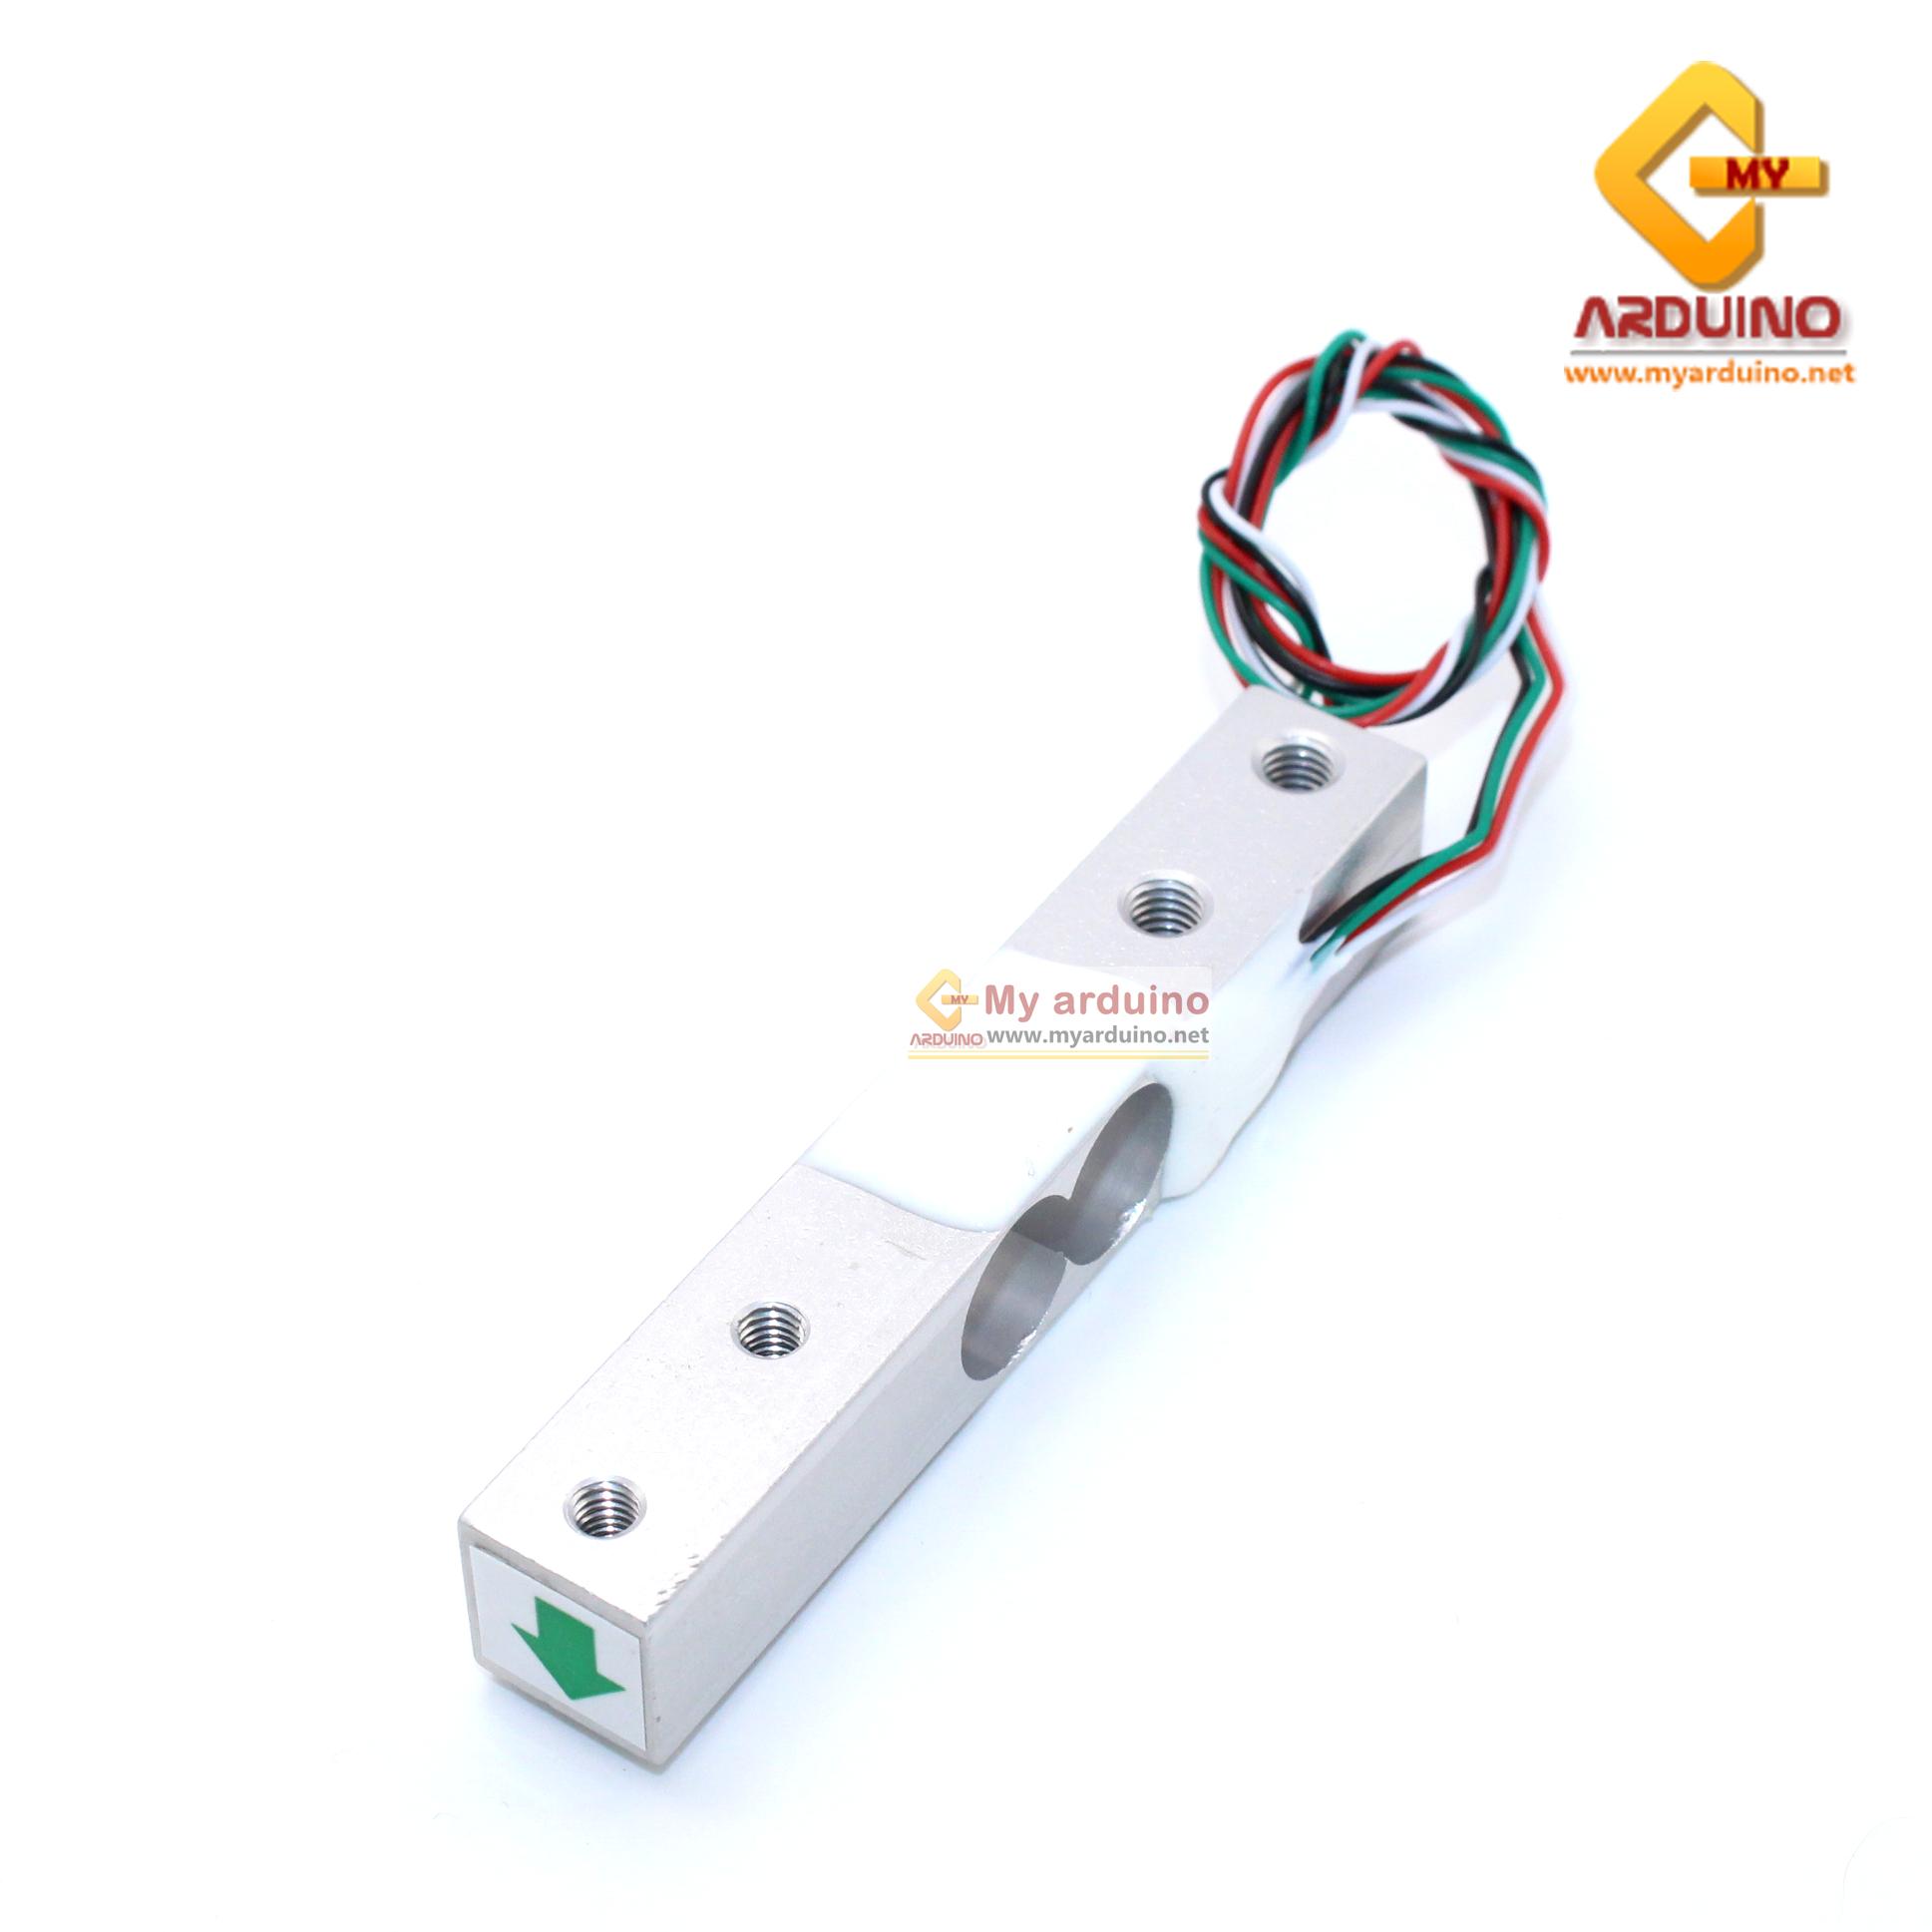 Load Cell Weight Sensor 1 Kg เซนเซอร์วัดน้ำหนัก Load Cell วัดได้สูงสุด 1KG